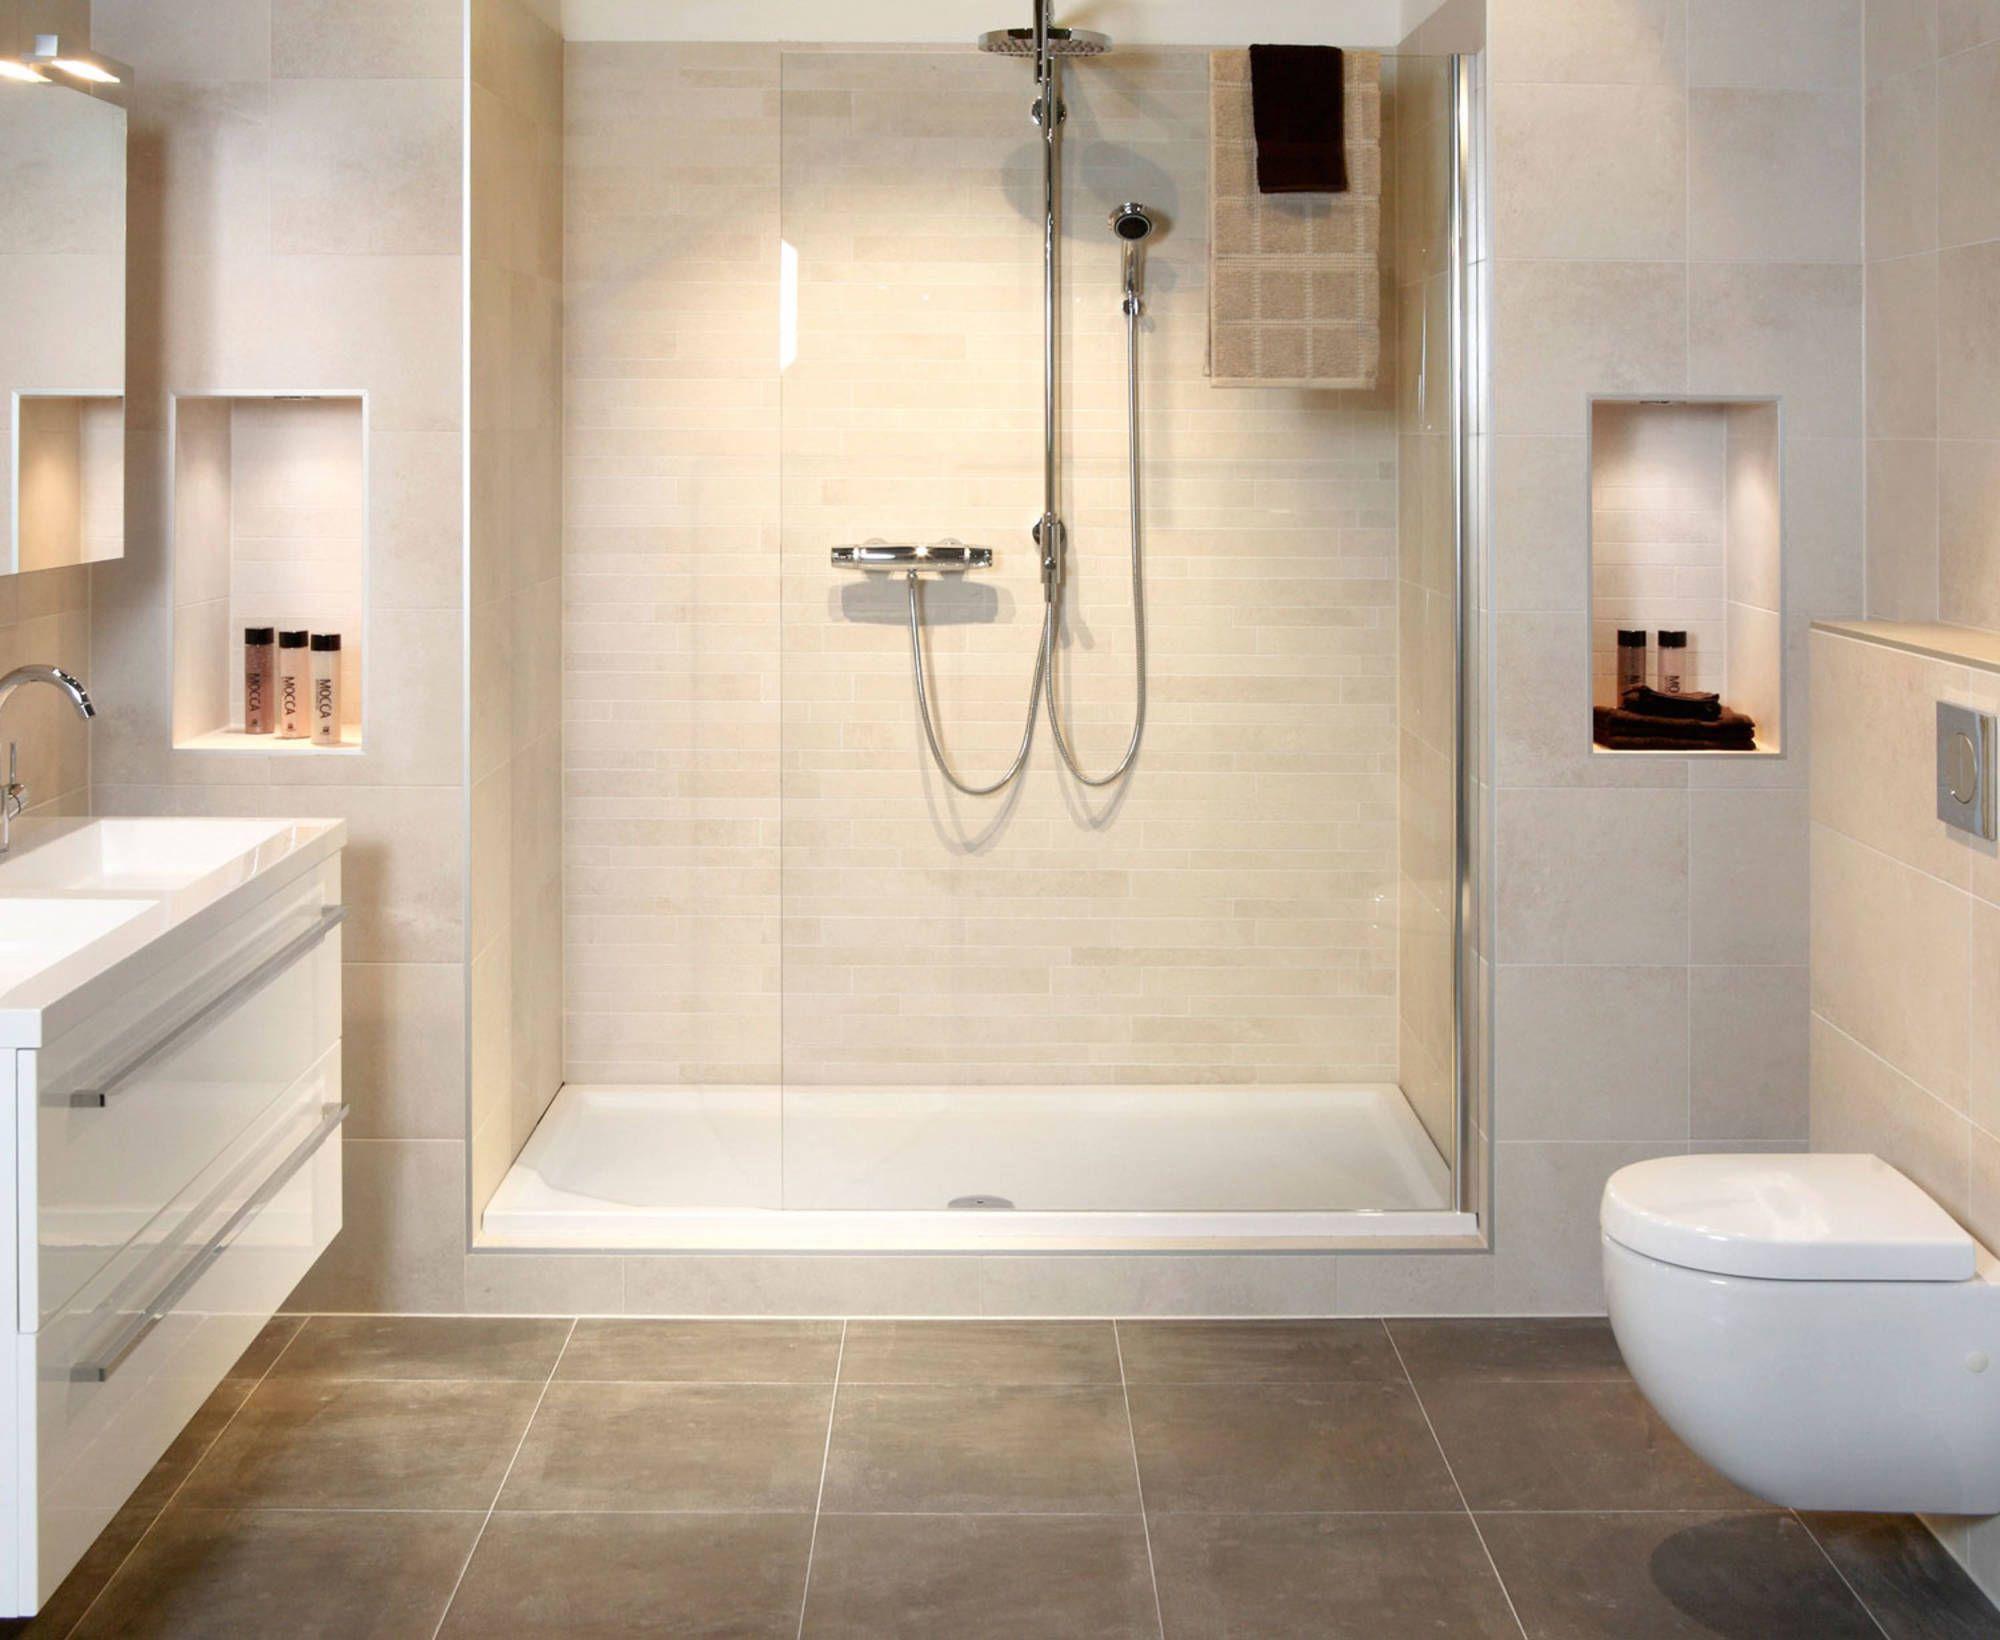 De Saqu Xarisa inloopdouche: de inloopdouche voor de badkamer van nu ...